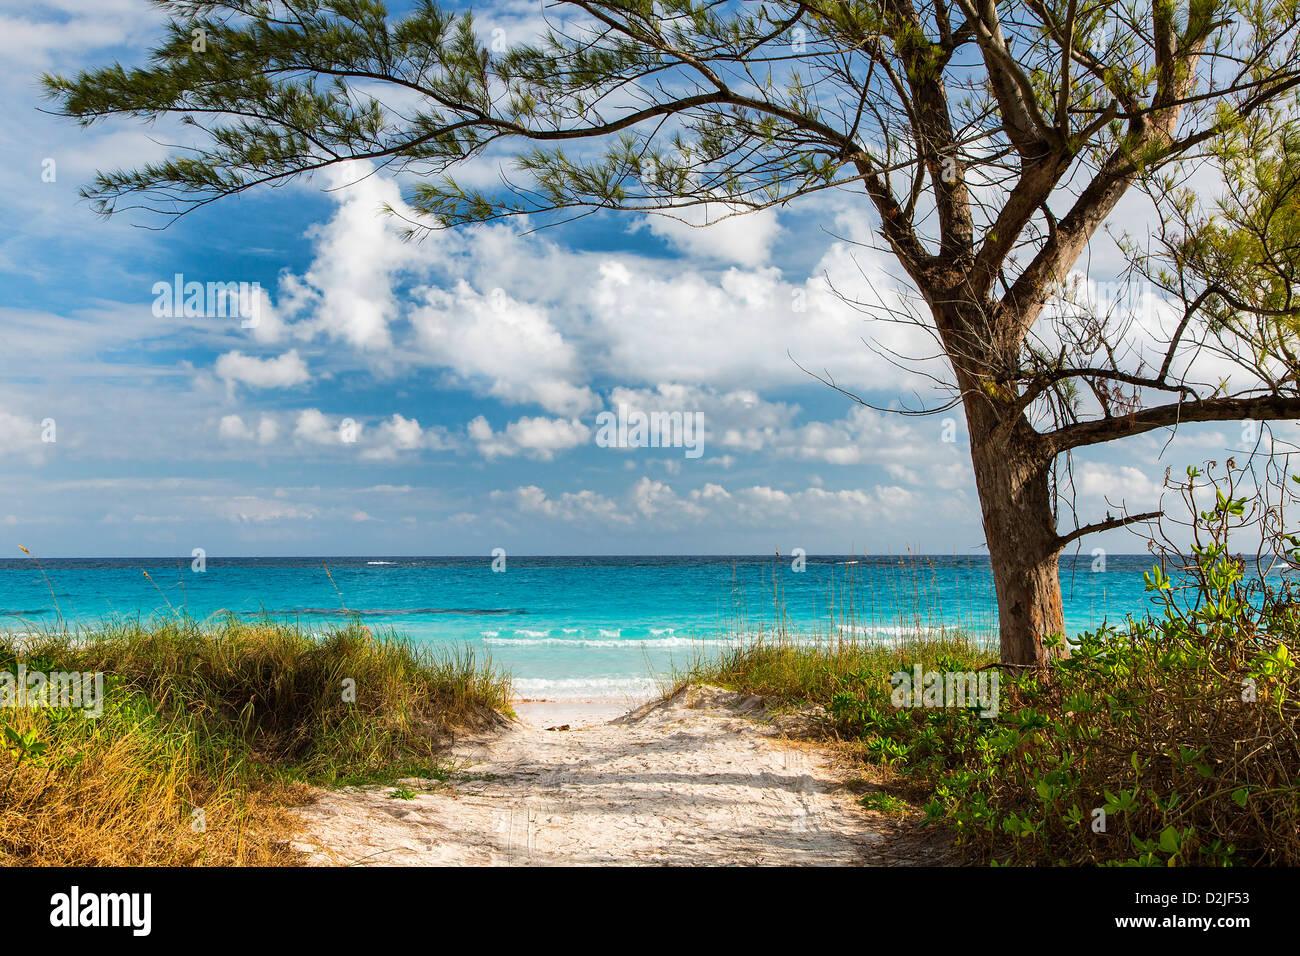 Bahamas, Eleuthera Insel Club Med Strand Stockbild